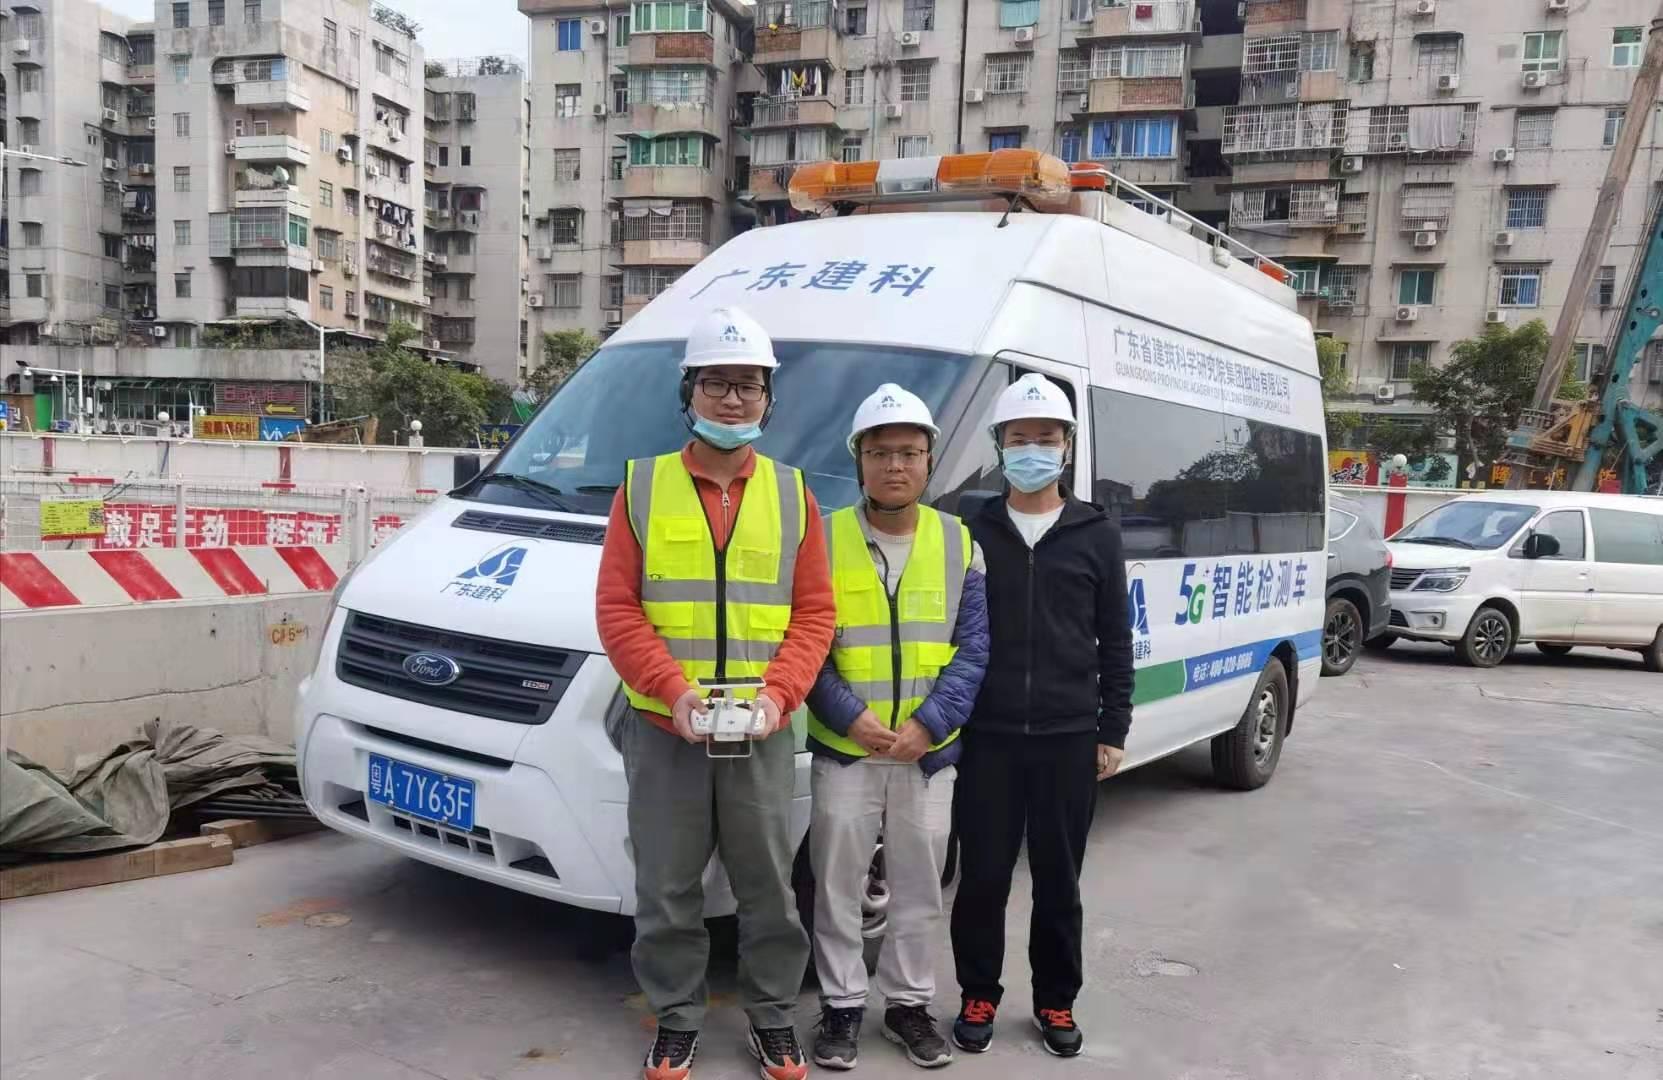 """2021年新年伊始,我公司生产的""""5G智能检测车""""在广州地铁11号线在建江泰路站项目做现场巡查"""